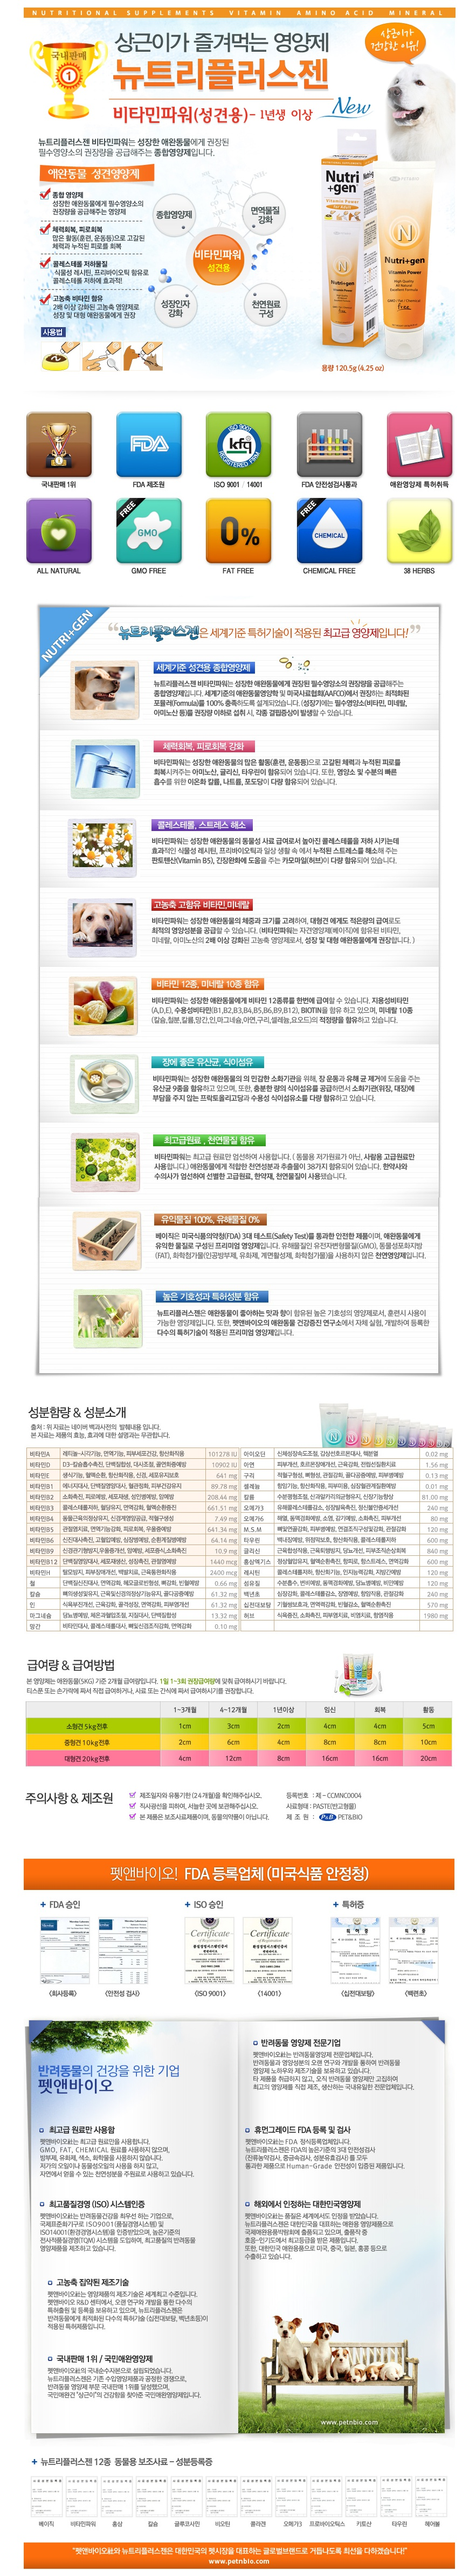 뉴트리플러스젠 종합 강아지영양제 (성장기용) 120.5g - 뉴트리플러스젠, 9,000원, 간식/영양제, 영양보호제